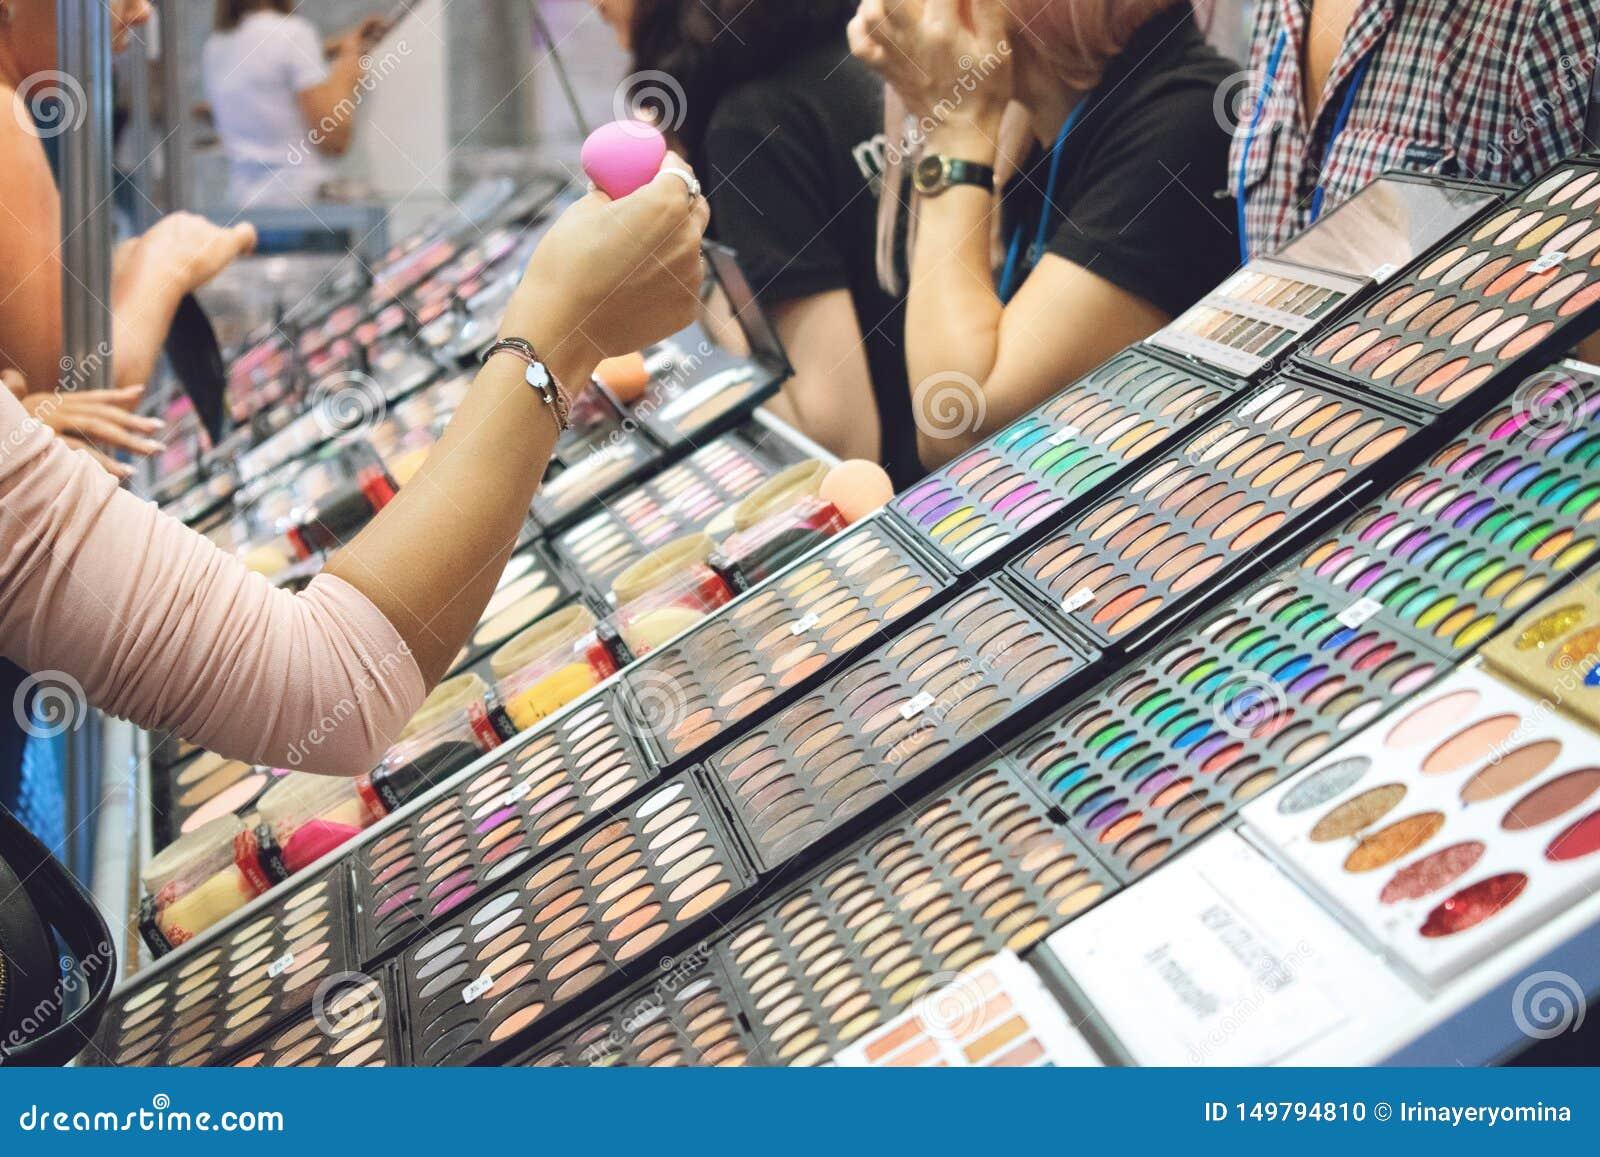 Kiev, Ucrânia 19 de setembro de 2018: A jovem mulher escolhe cosméticos decorativos no suporte da loja da beleza durante a mostra